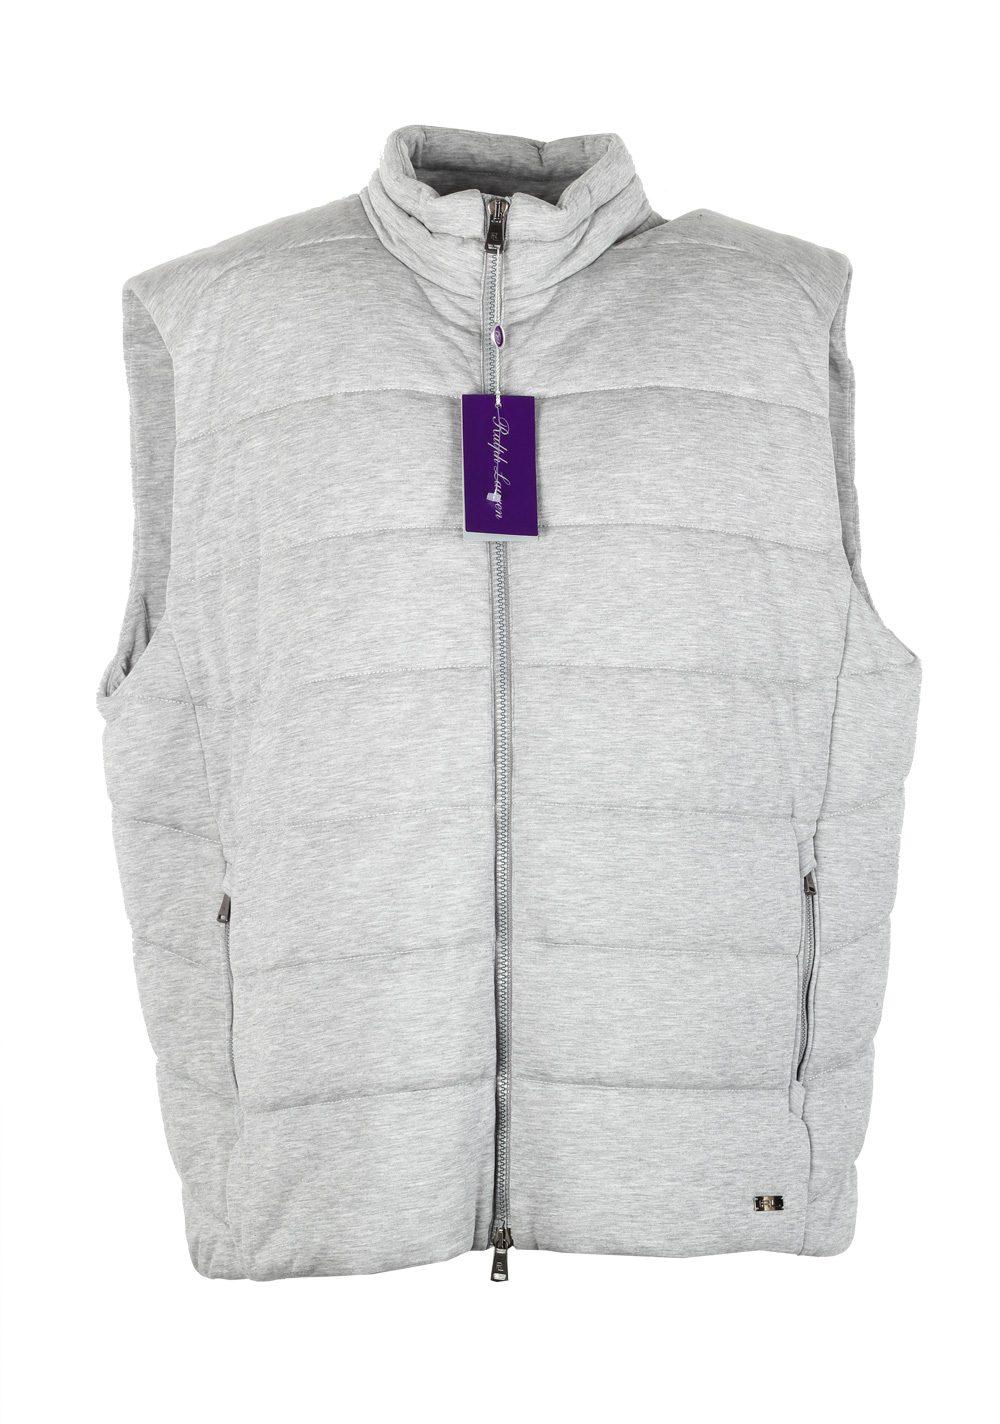 Ralph Lauren Purple Label Gray Gilet Vest Size XXL / 58 / 48 U.S. | Costume Limité